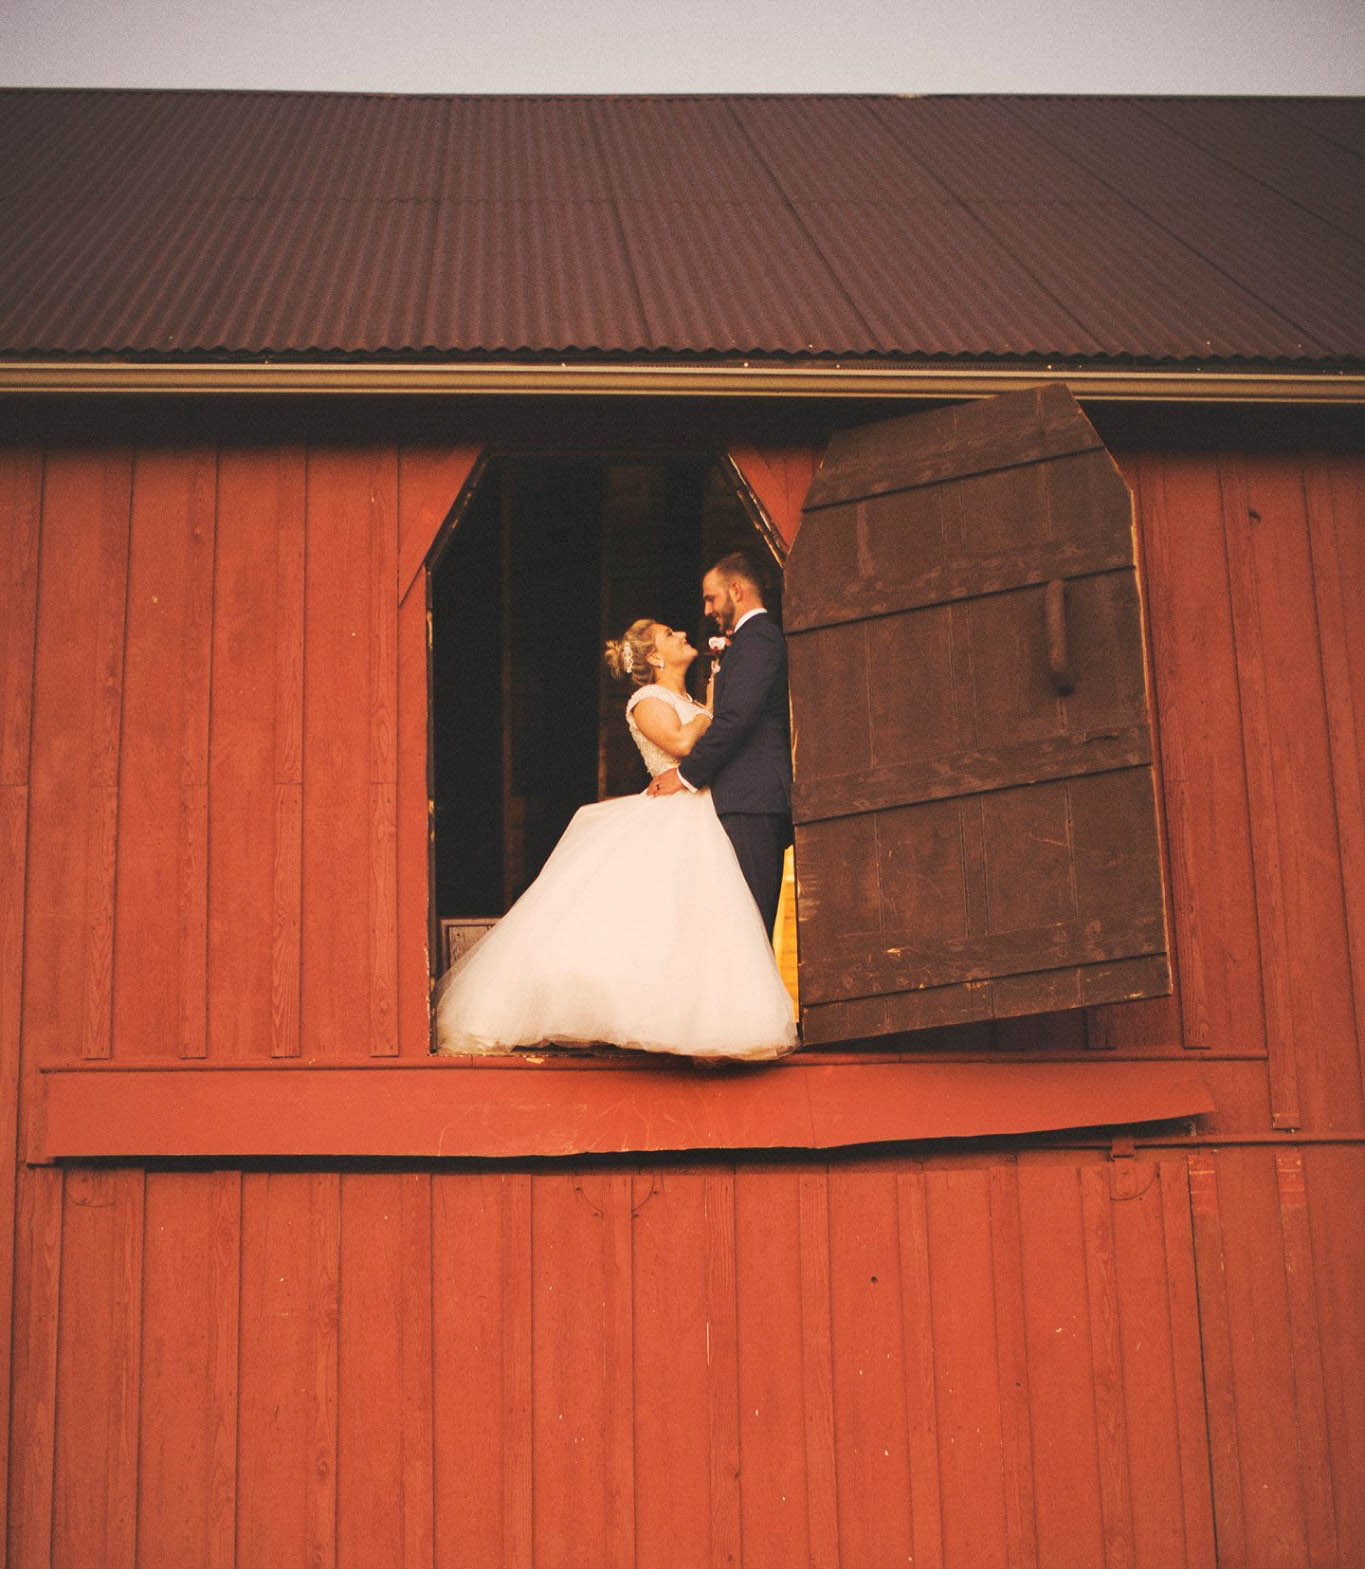 Couple in upstairs barn door